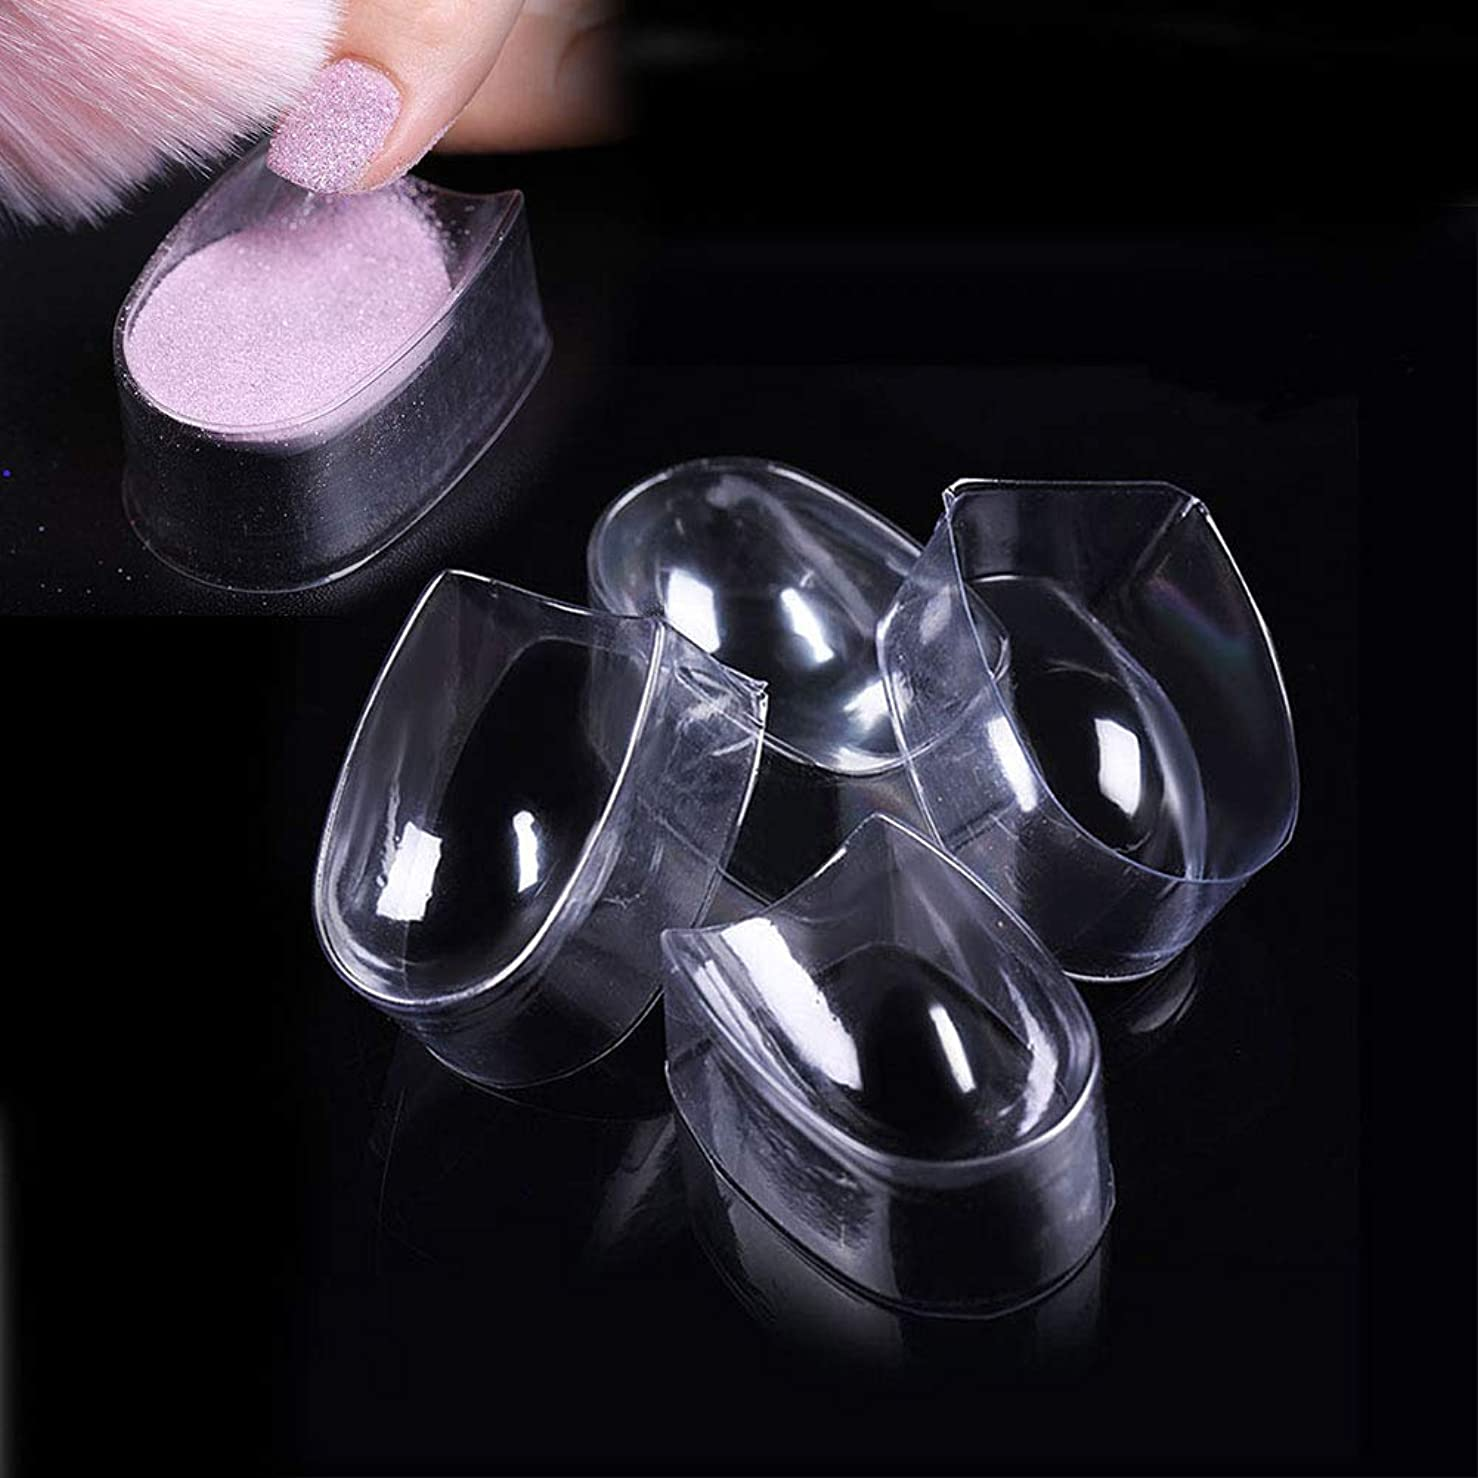 slQinjiansavネイルアート&ツール収納コンテナ5個透明ネイルチップディップパウダートレイ使い捨てマニキュアコンテナボックス